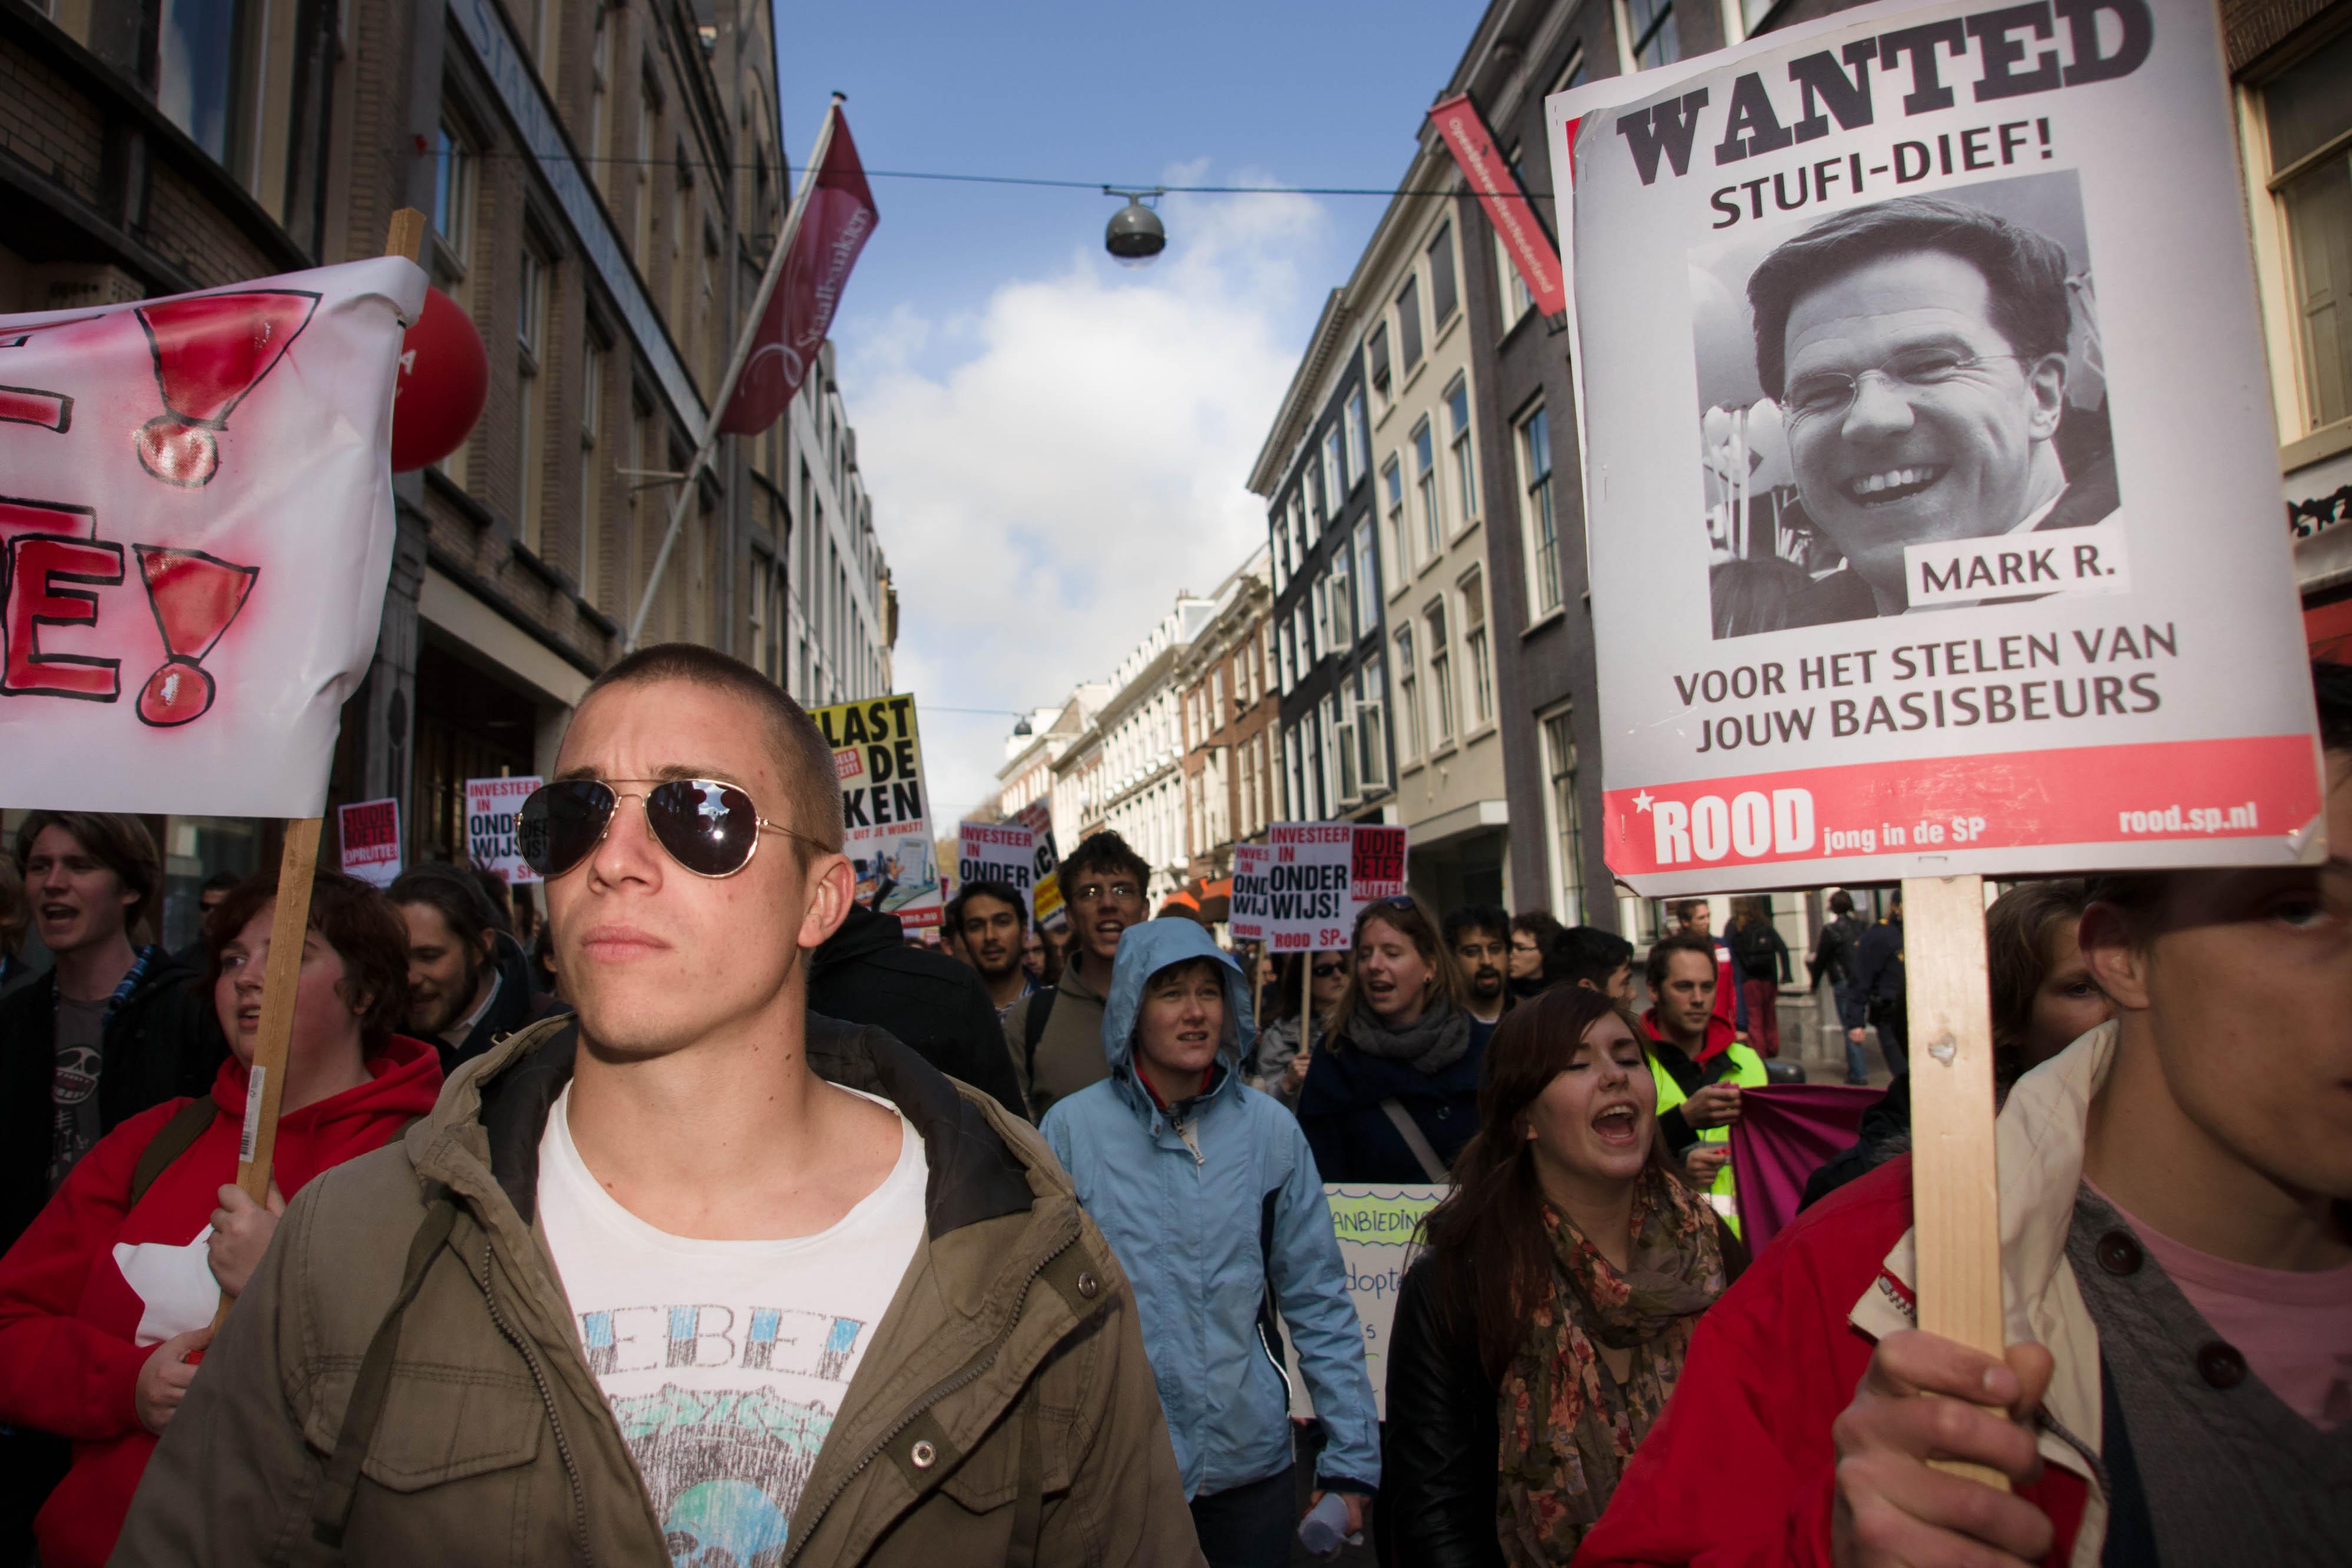 Studenten demonstreren in Den Haag. Foto: Flickr/SP/CC BY-NC-ND 2.0